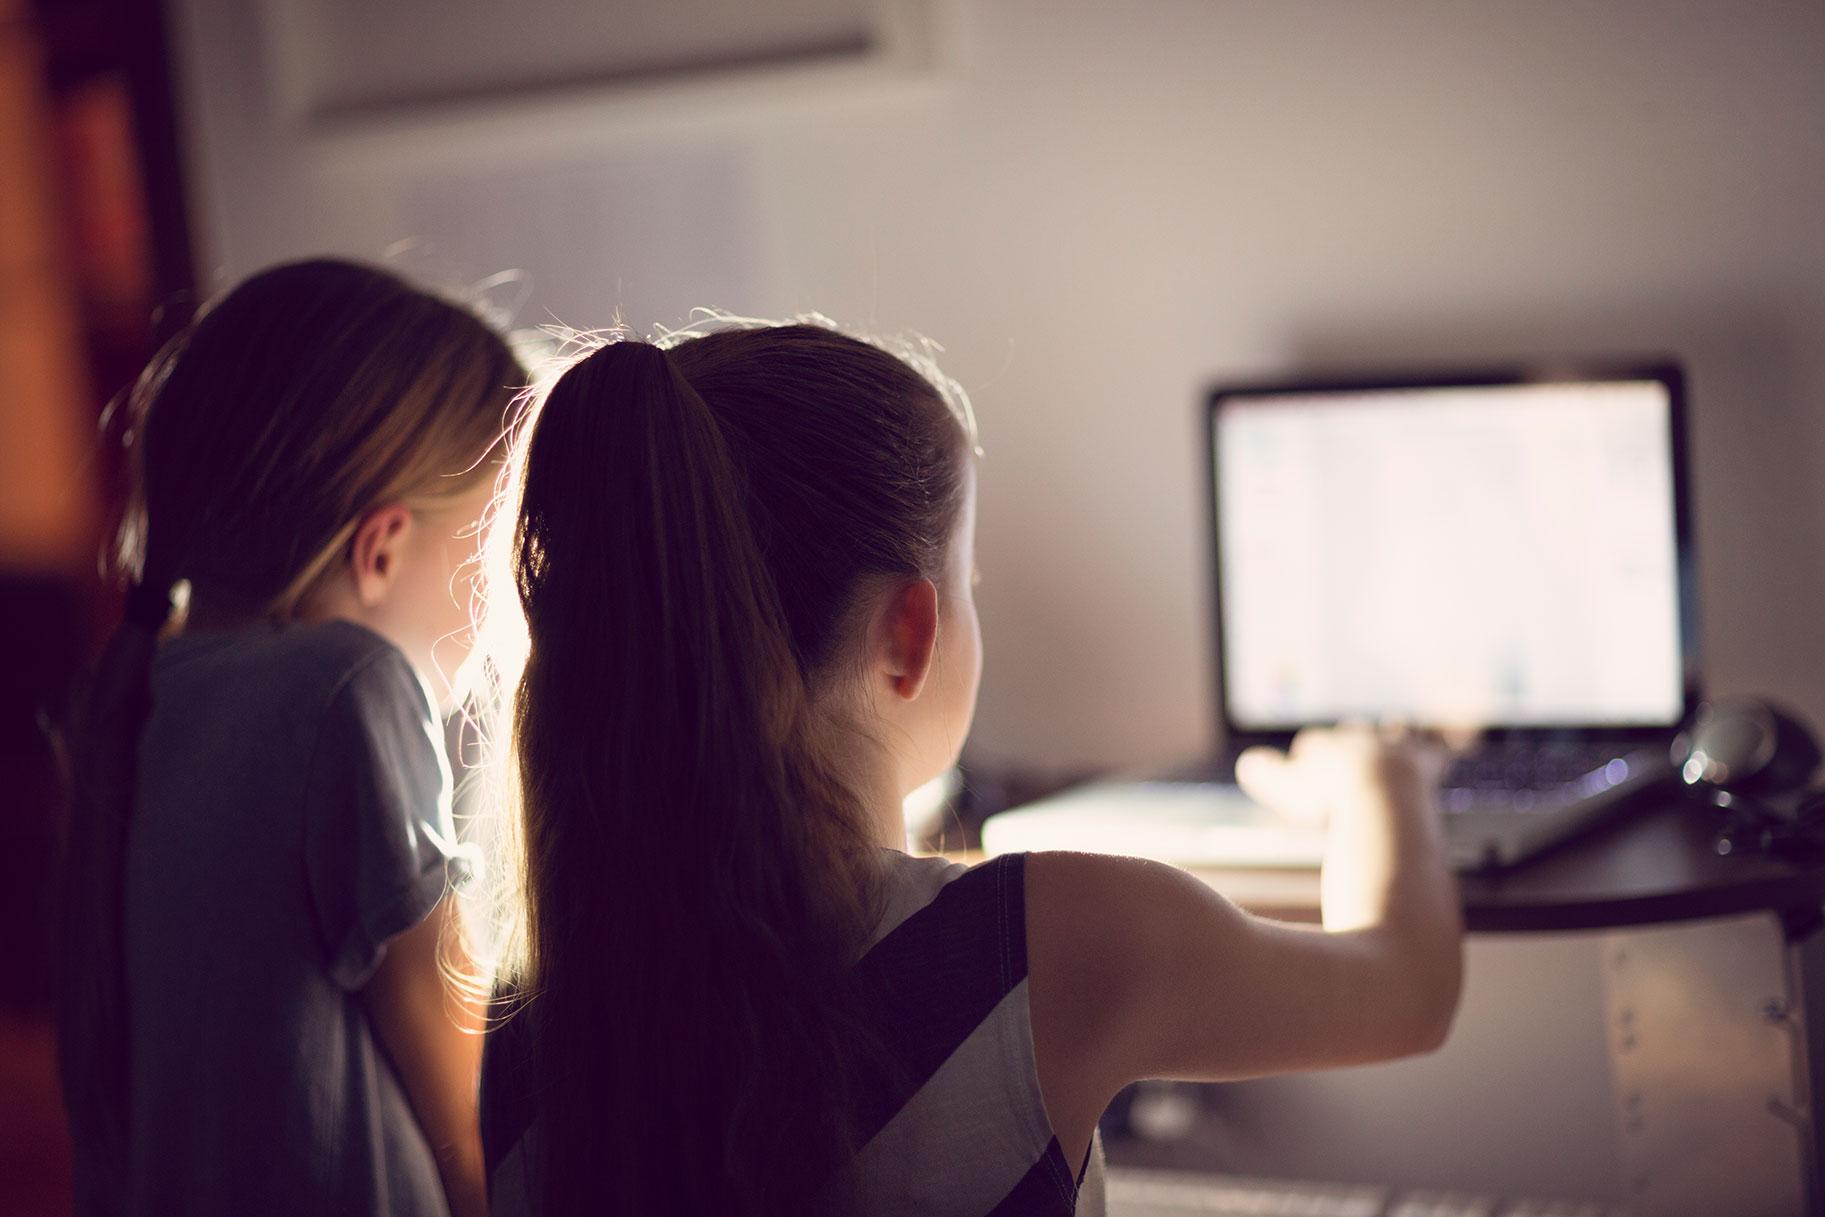 ¿Qué es el desafío Momo? ¿El 'juego del suicidio' en línea es incluso real?